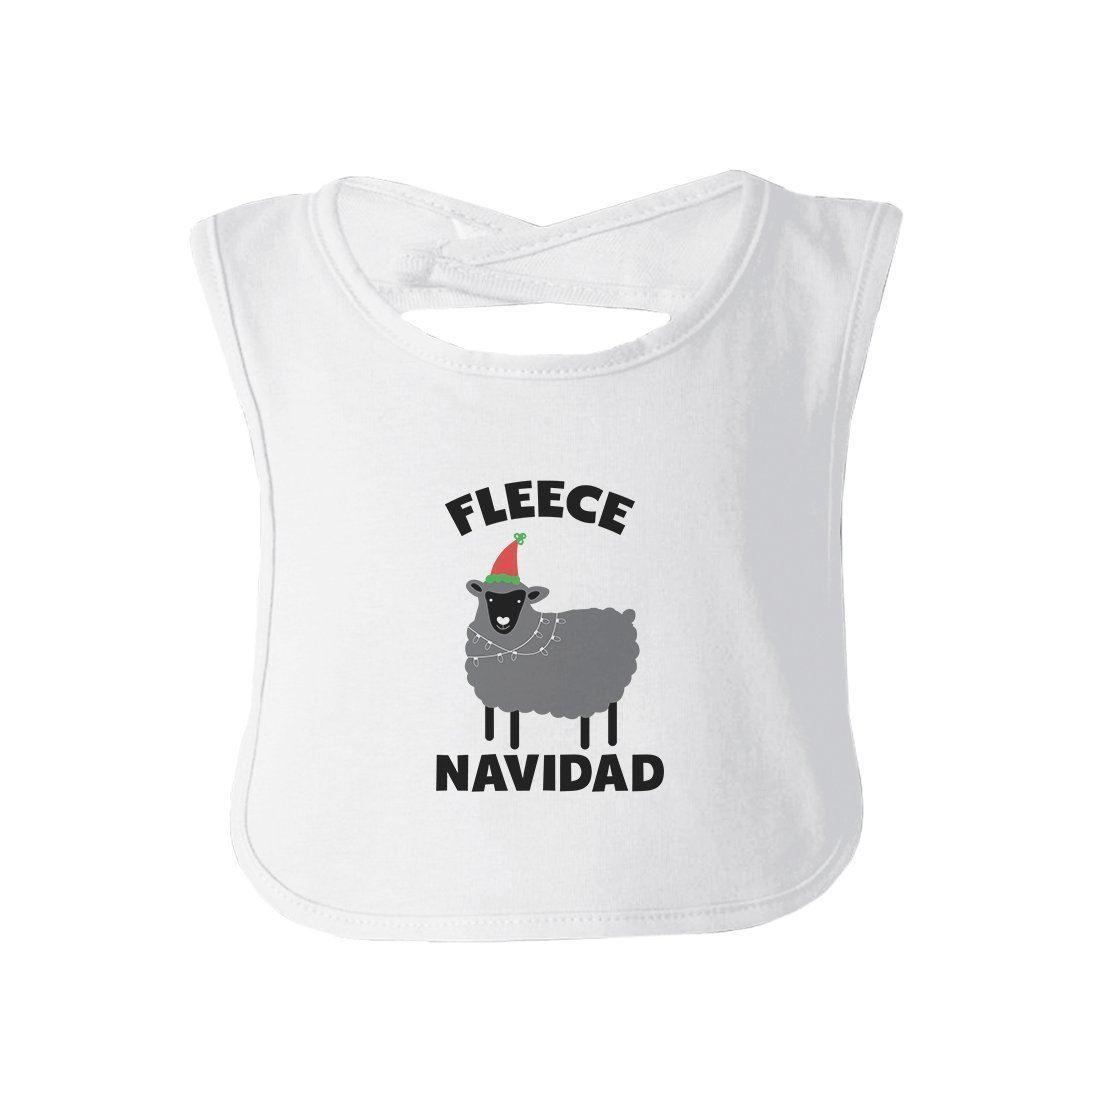 Fleece Navidad Infant Gift Baby Teething Bib Cute Christmas Gift